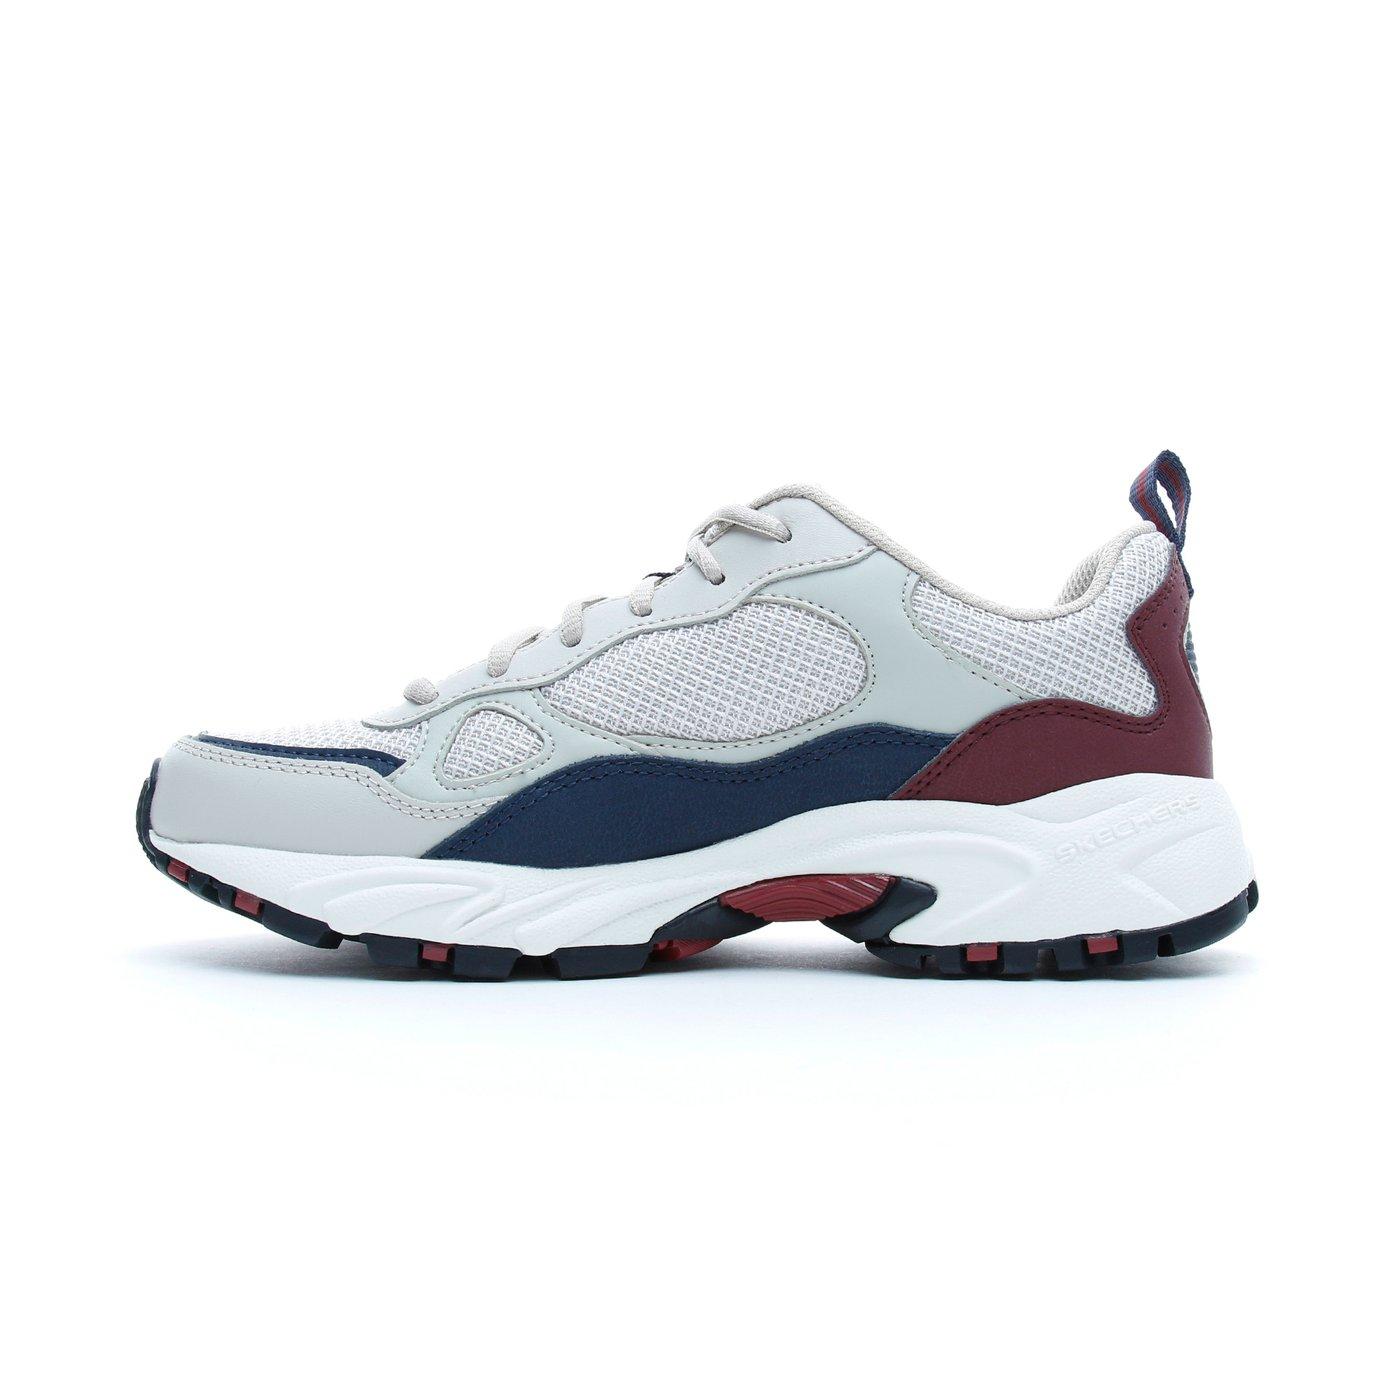 Skechers Stamina - Bluecoast Erkek Bej Spor Ayakkabı